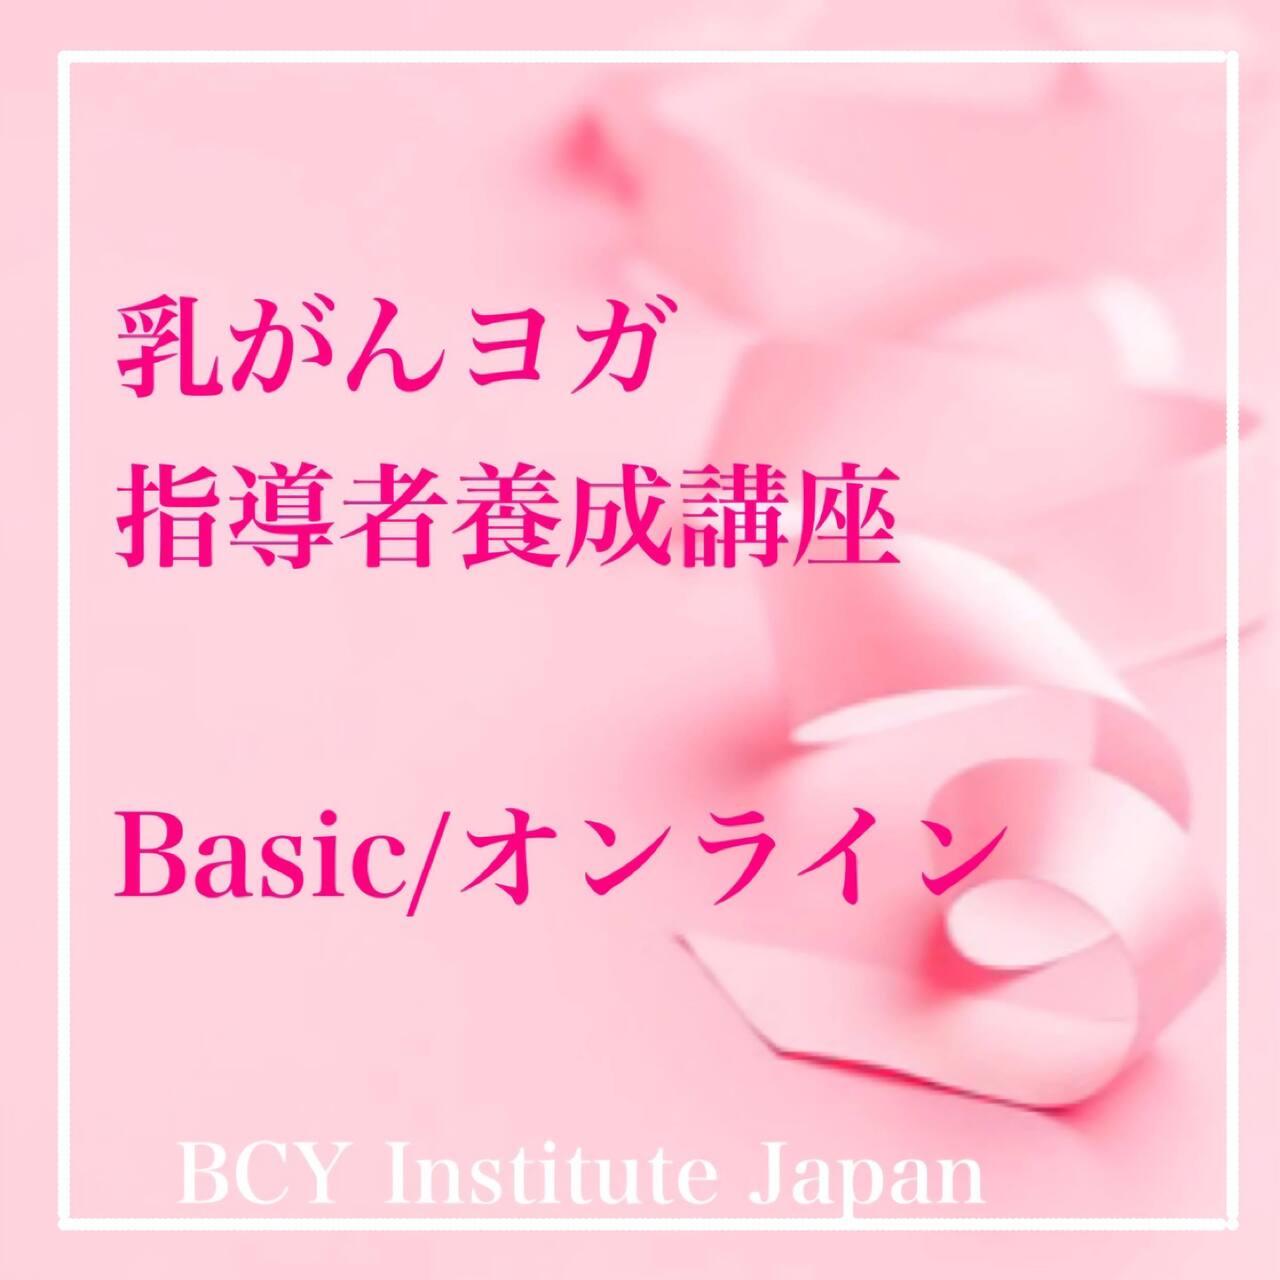 2021.6.16【オンライン】乳がんヨガ指導者養成講座(ベーシック):高橋かおる先生